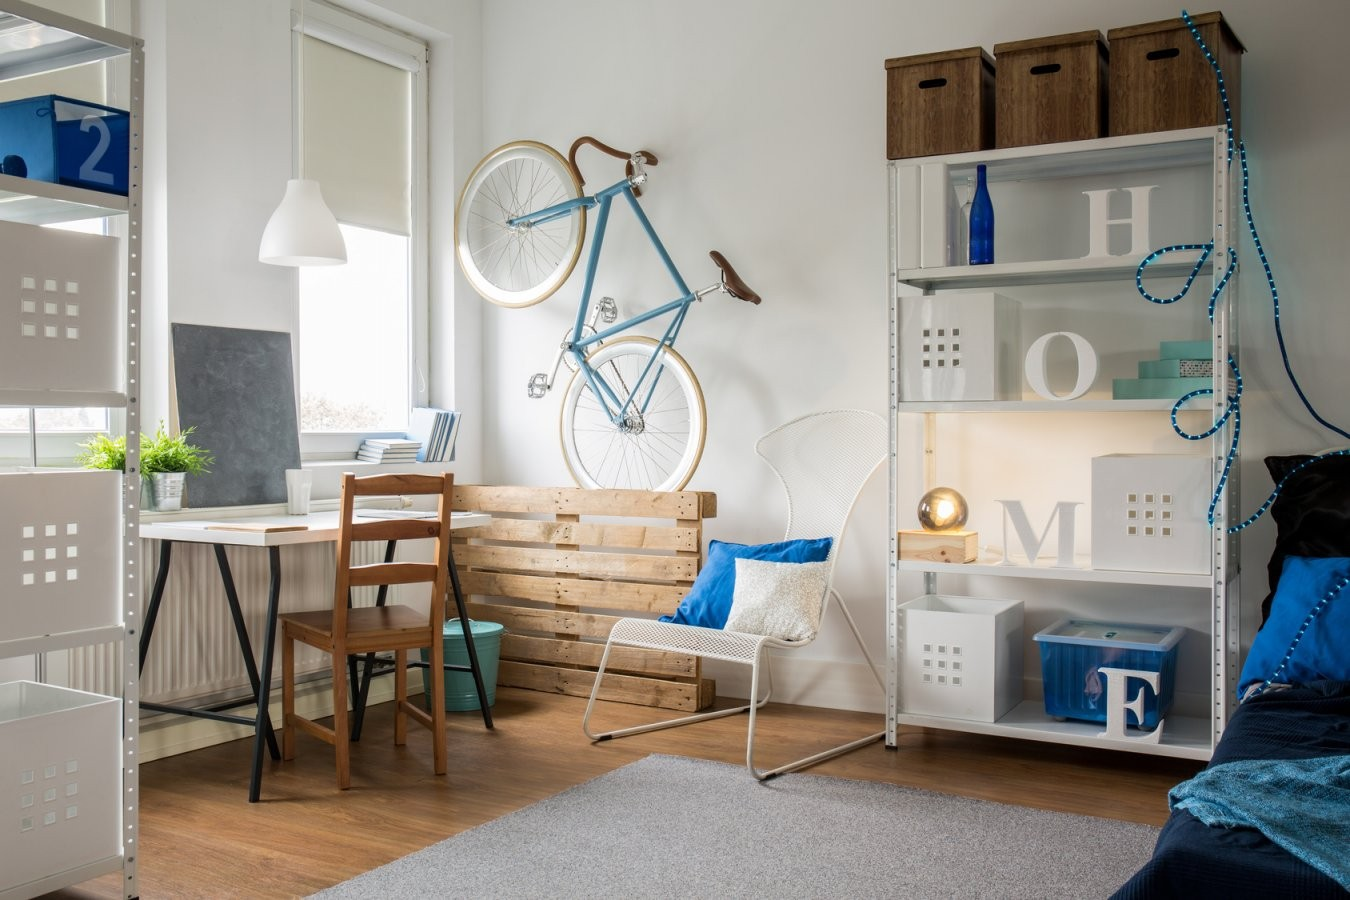 Stylisch Günstig Gemütlich So Geht Einrichten Für Wenig Geld von Wohnzimmer Neu Gestalten Mit Wenig Geld Photo